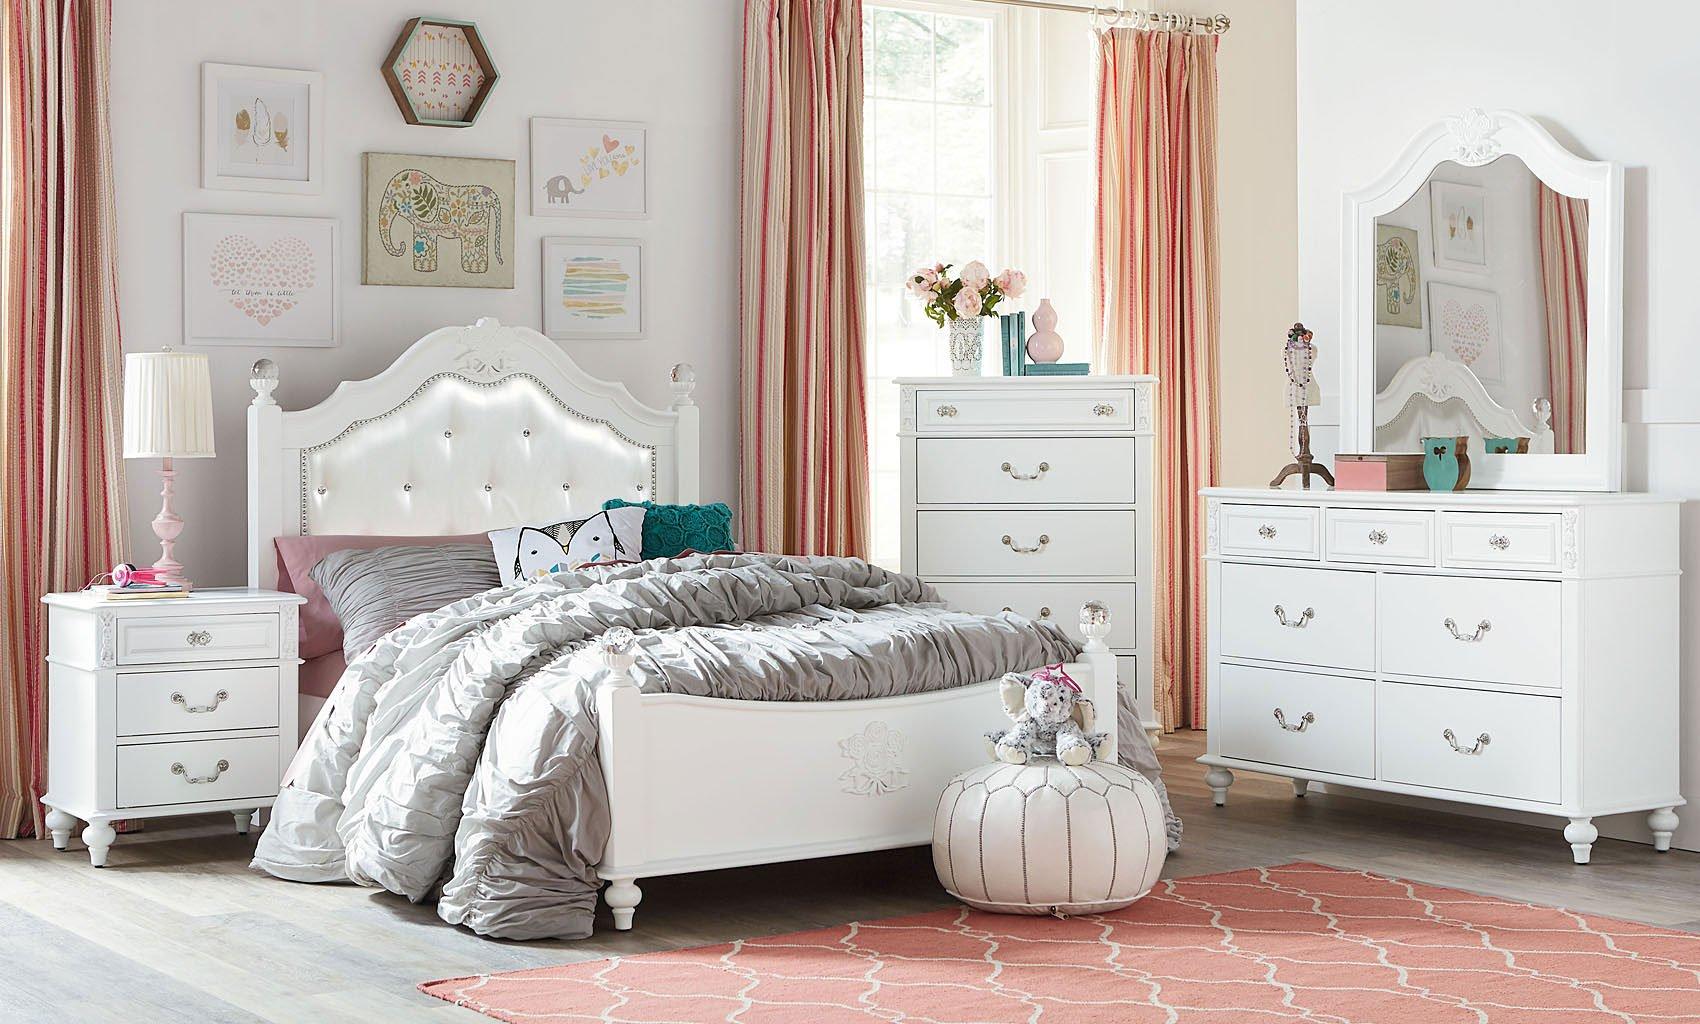 olivia youth poster bedroom set standard furniture furniture cart. Black Bedroom Furniture Sets. Home Design Ideas